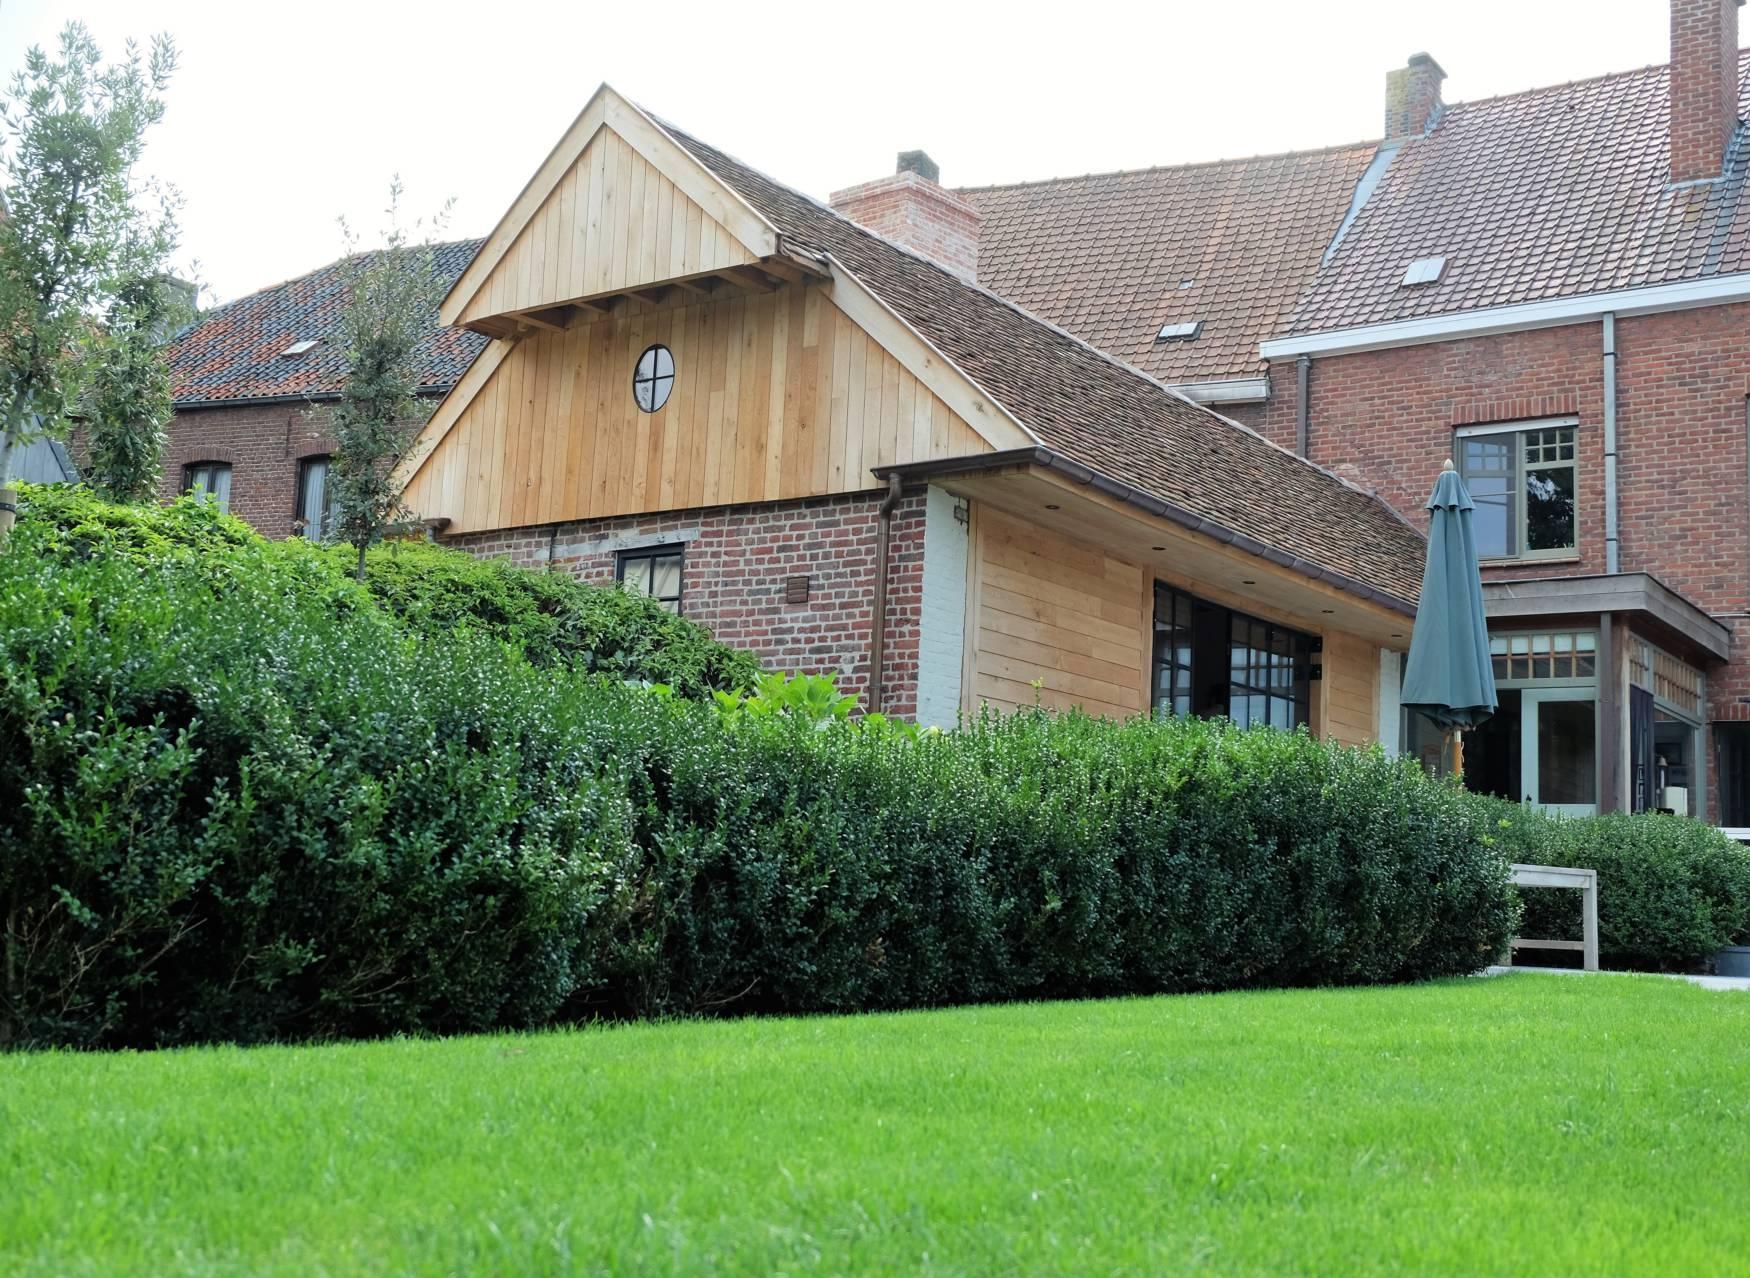 Landelijke aanbouw houten carports carport aanbouw carport garage en tuinhuis pinterest car - Stenen huis uitbreiding ...